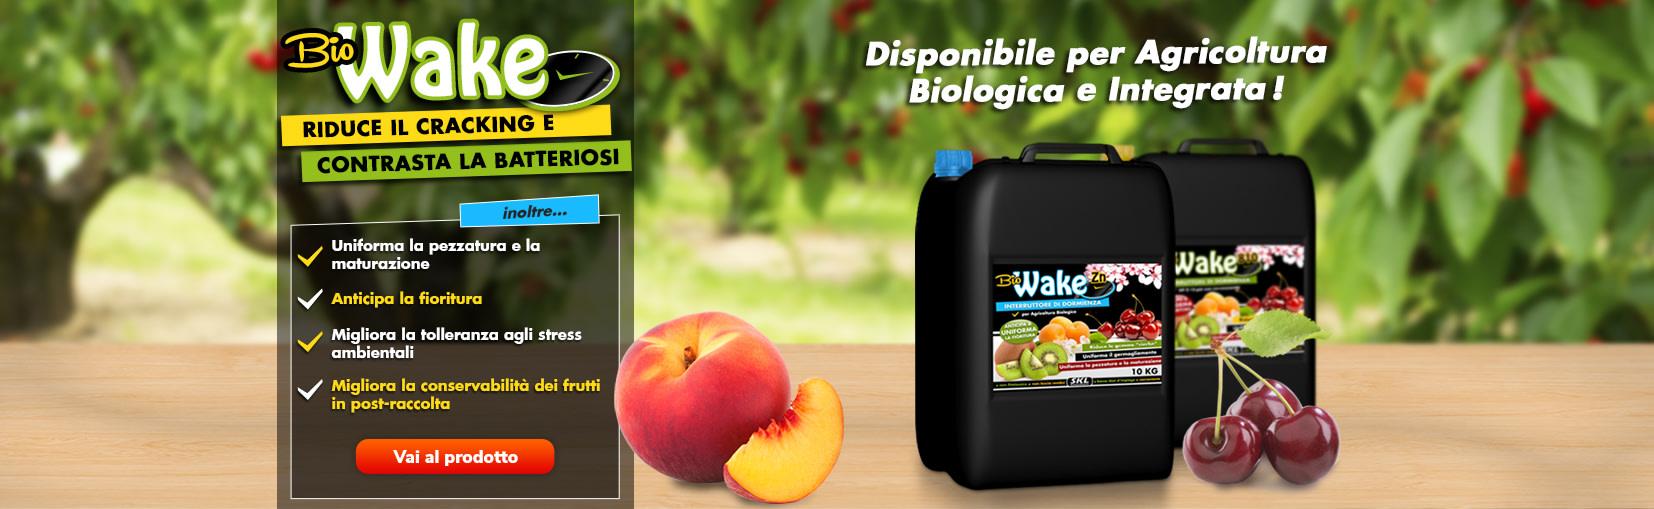 Banner Bioprotek